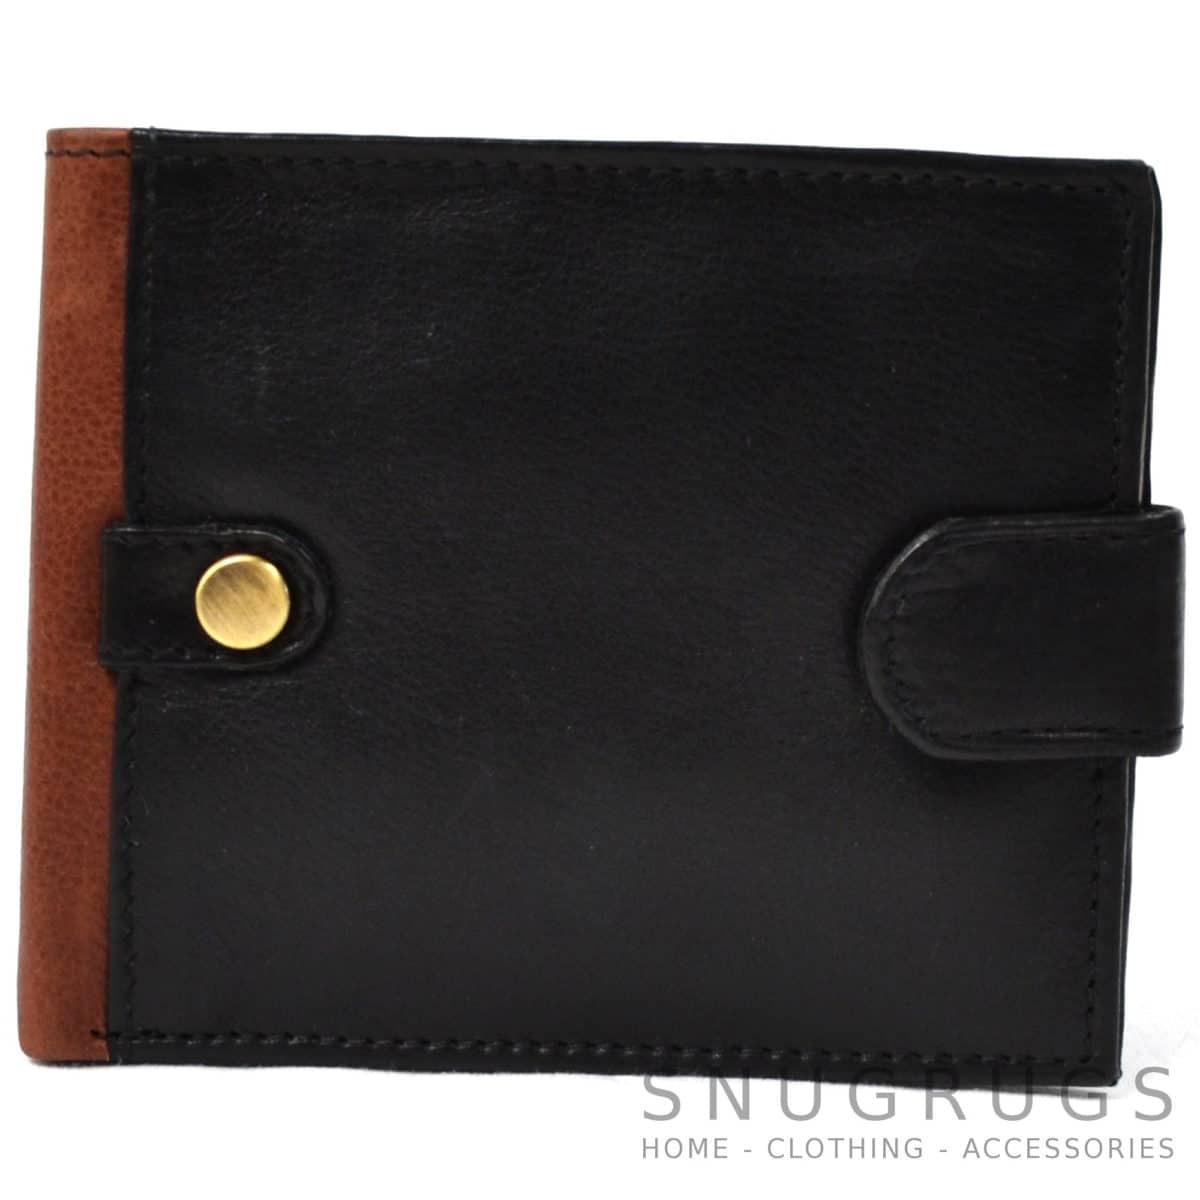 Oliver - Prime Hide Deep Leather Wallet - Black